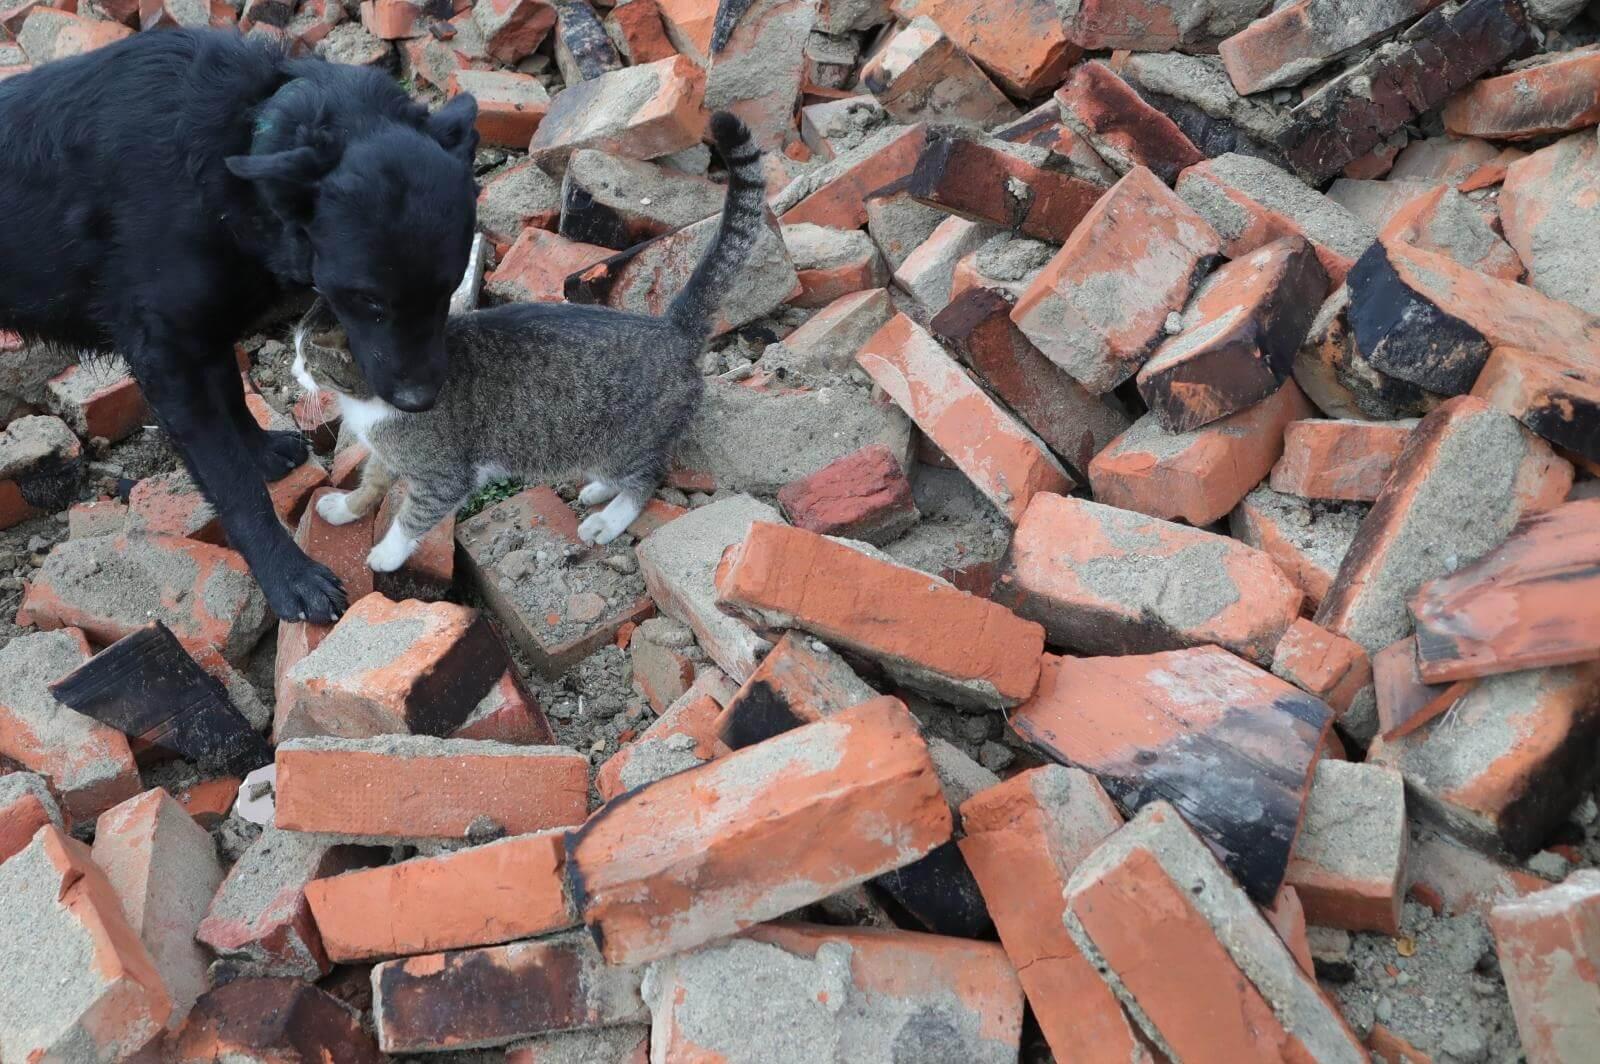 Veterinarski fakultet uključio se u zbrinjavanje stradalih životinja na područjima koje je pogodio potres